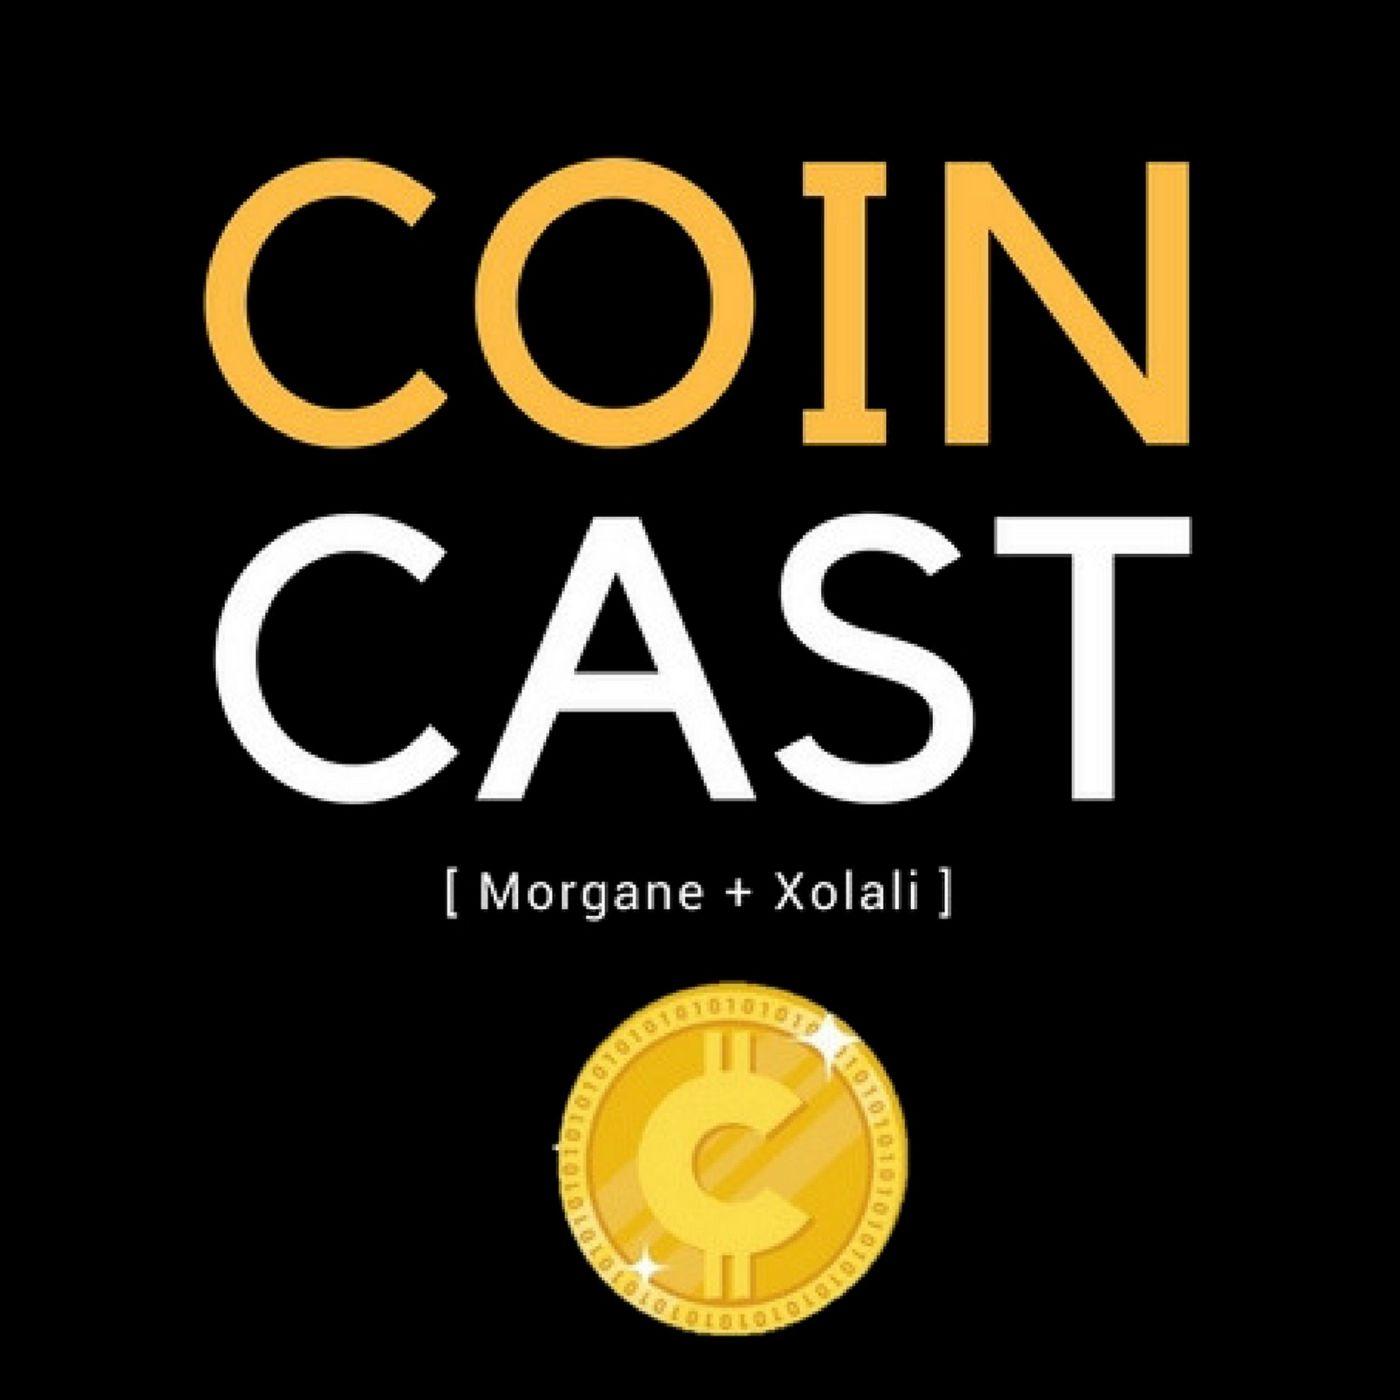 L'engouement pour les cryto-monnaies continue...